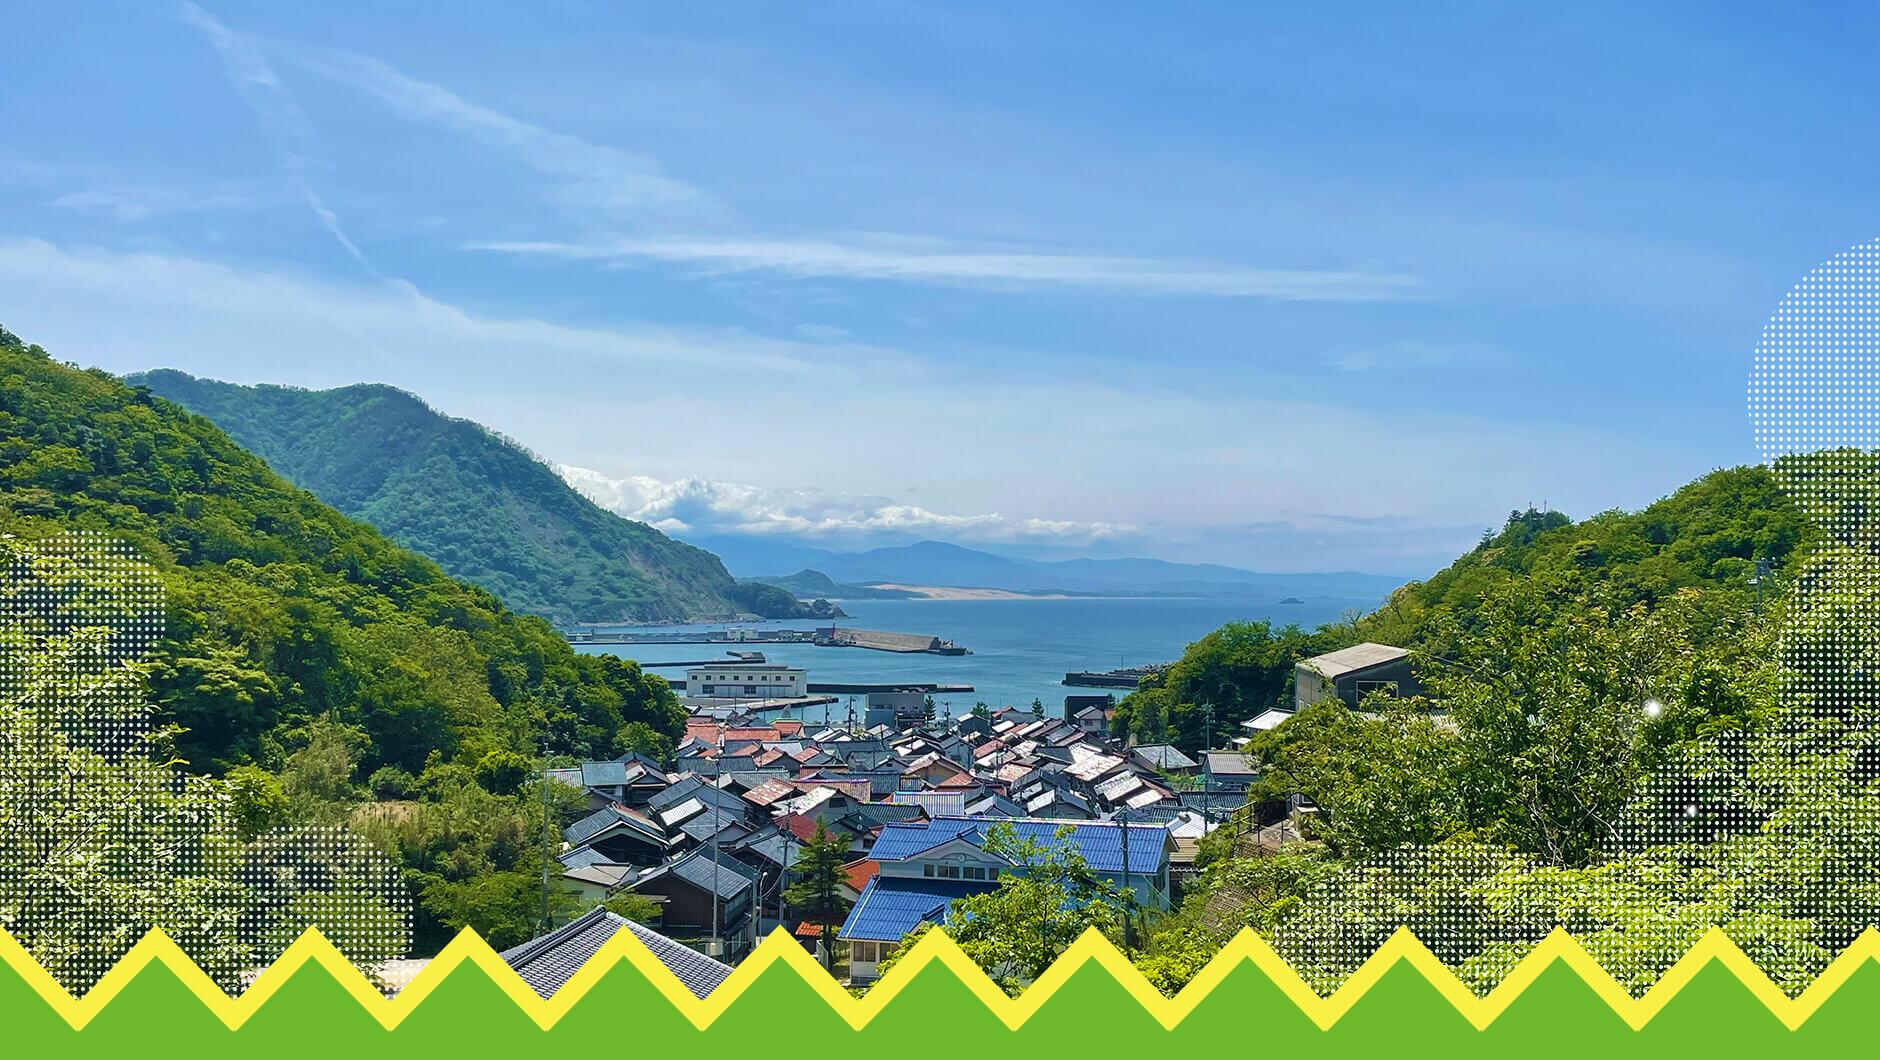 とっとりの夏 とっとりの夏 山編 トレイル 鳥取県観光連盟 スタッフが 歩いてリポート TOTTORI トレイル!